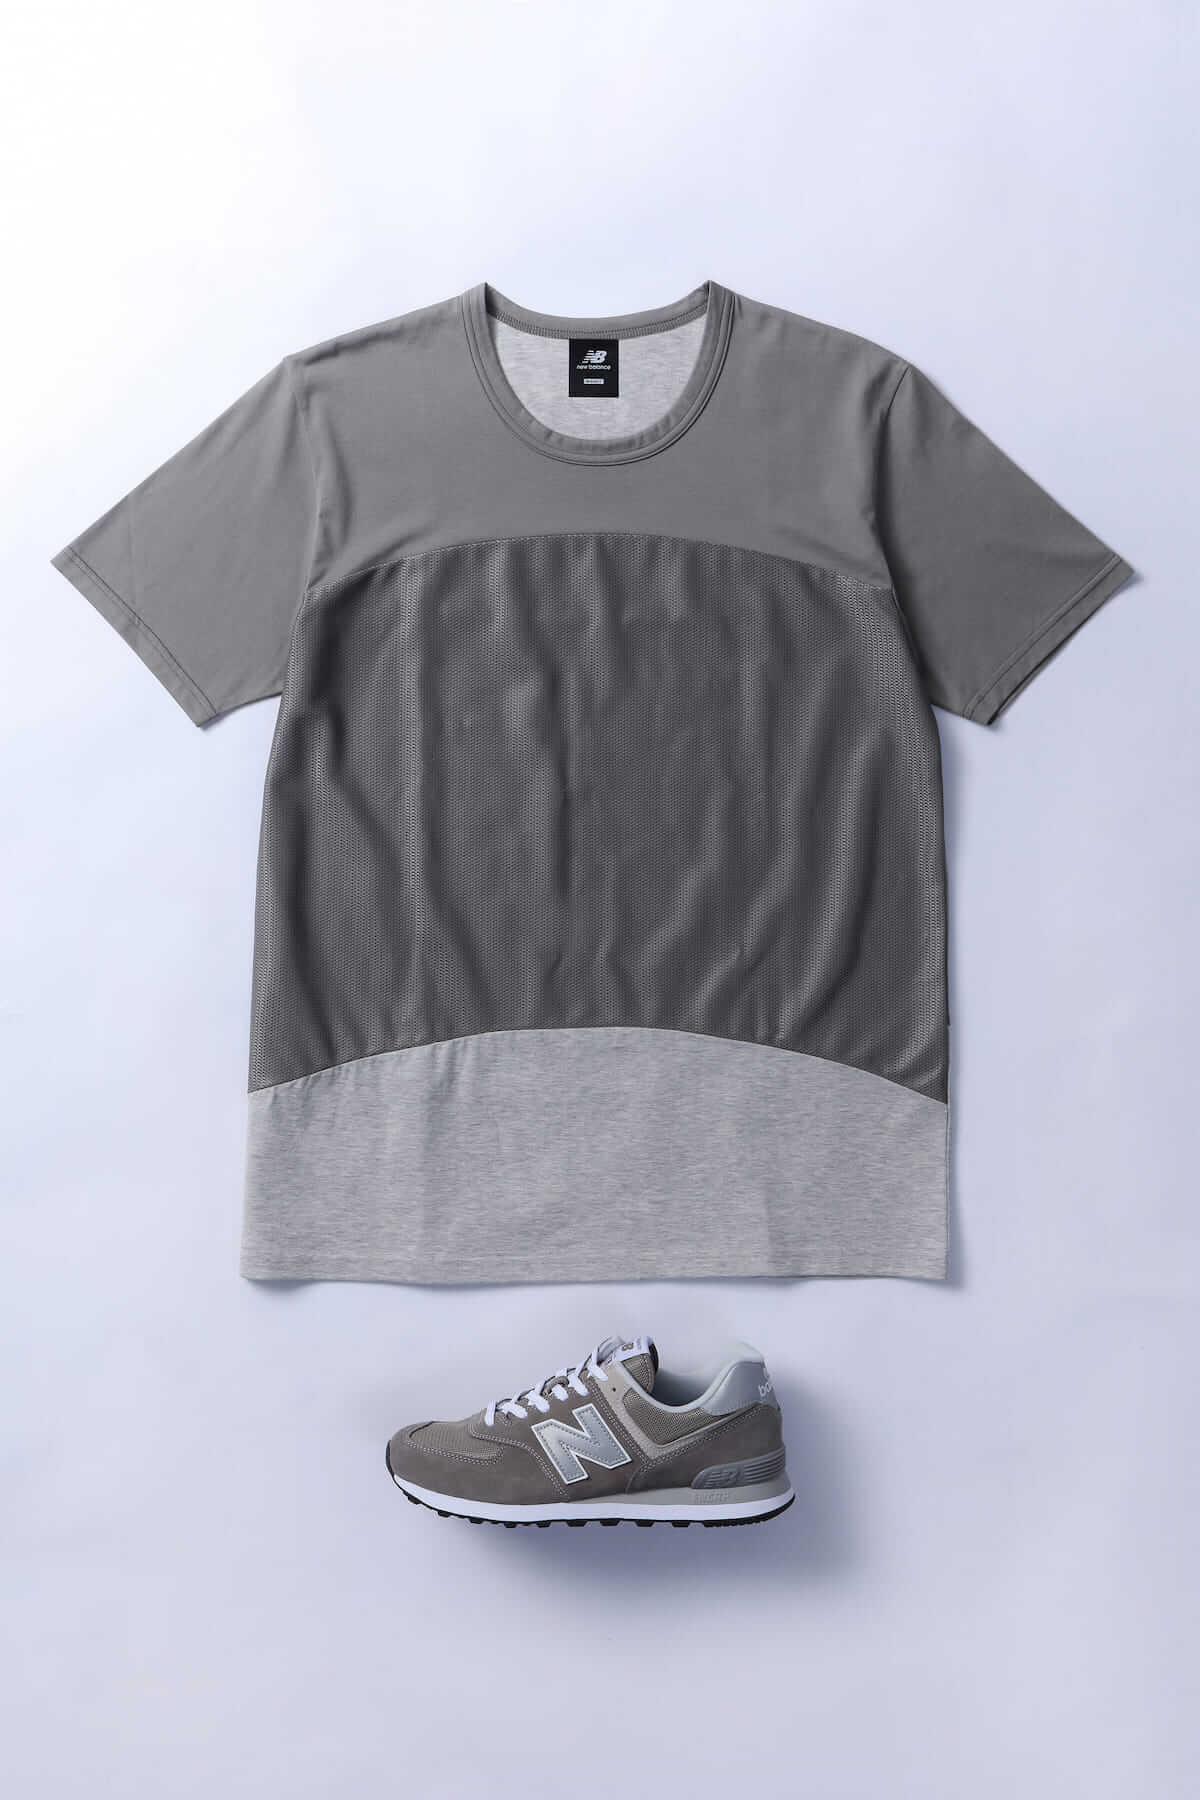 New balance×ALOYE Tシャツコレクションが限定登場!「574」などをTシャツで表現! life180314-newbalance-aloye-1-1200x1800